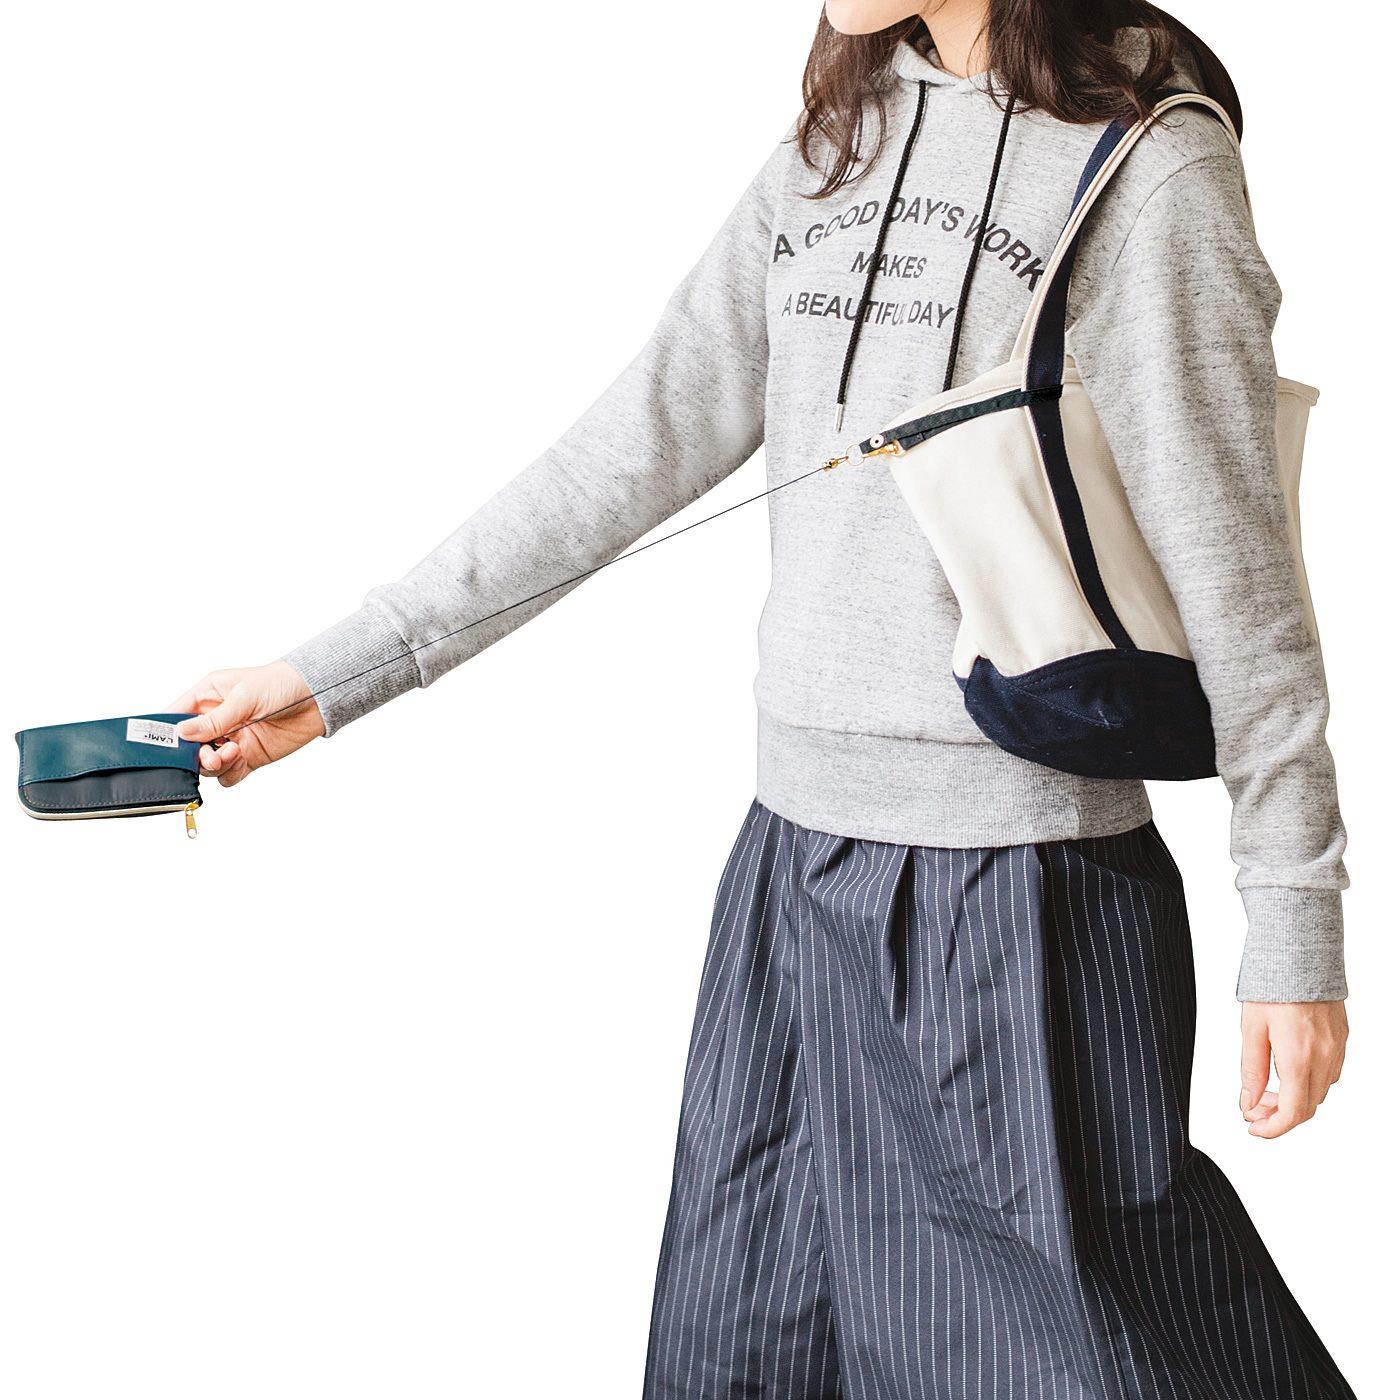 ストラップのボタンを外せば、バッグに付けたままケースごと伸ばすこともできます。ICカードの使用もらくらく。